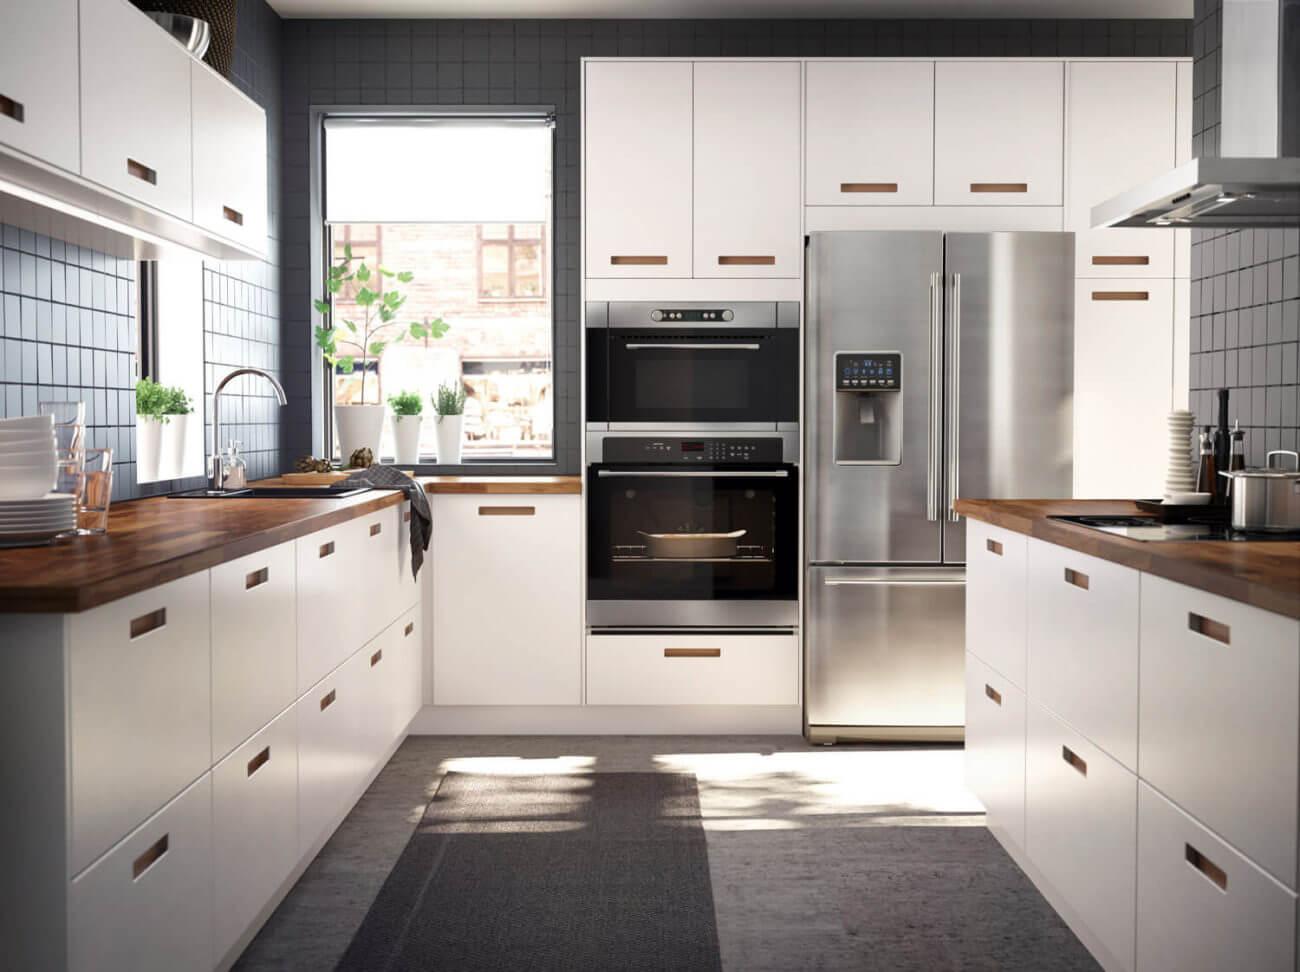 Full Size of Küchen Aktuell Preis Einer Einbaukche Wie Viel Kostet Eine Neue Kche Im Regal Wohnzimmer Küchen Aktuell